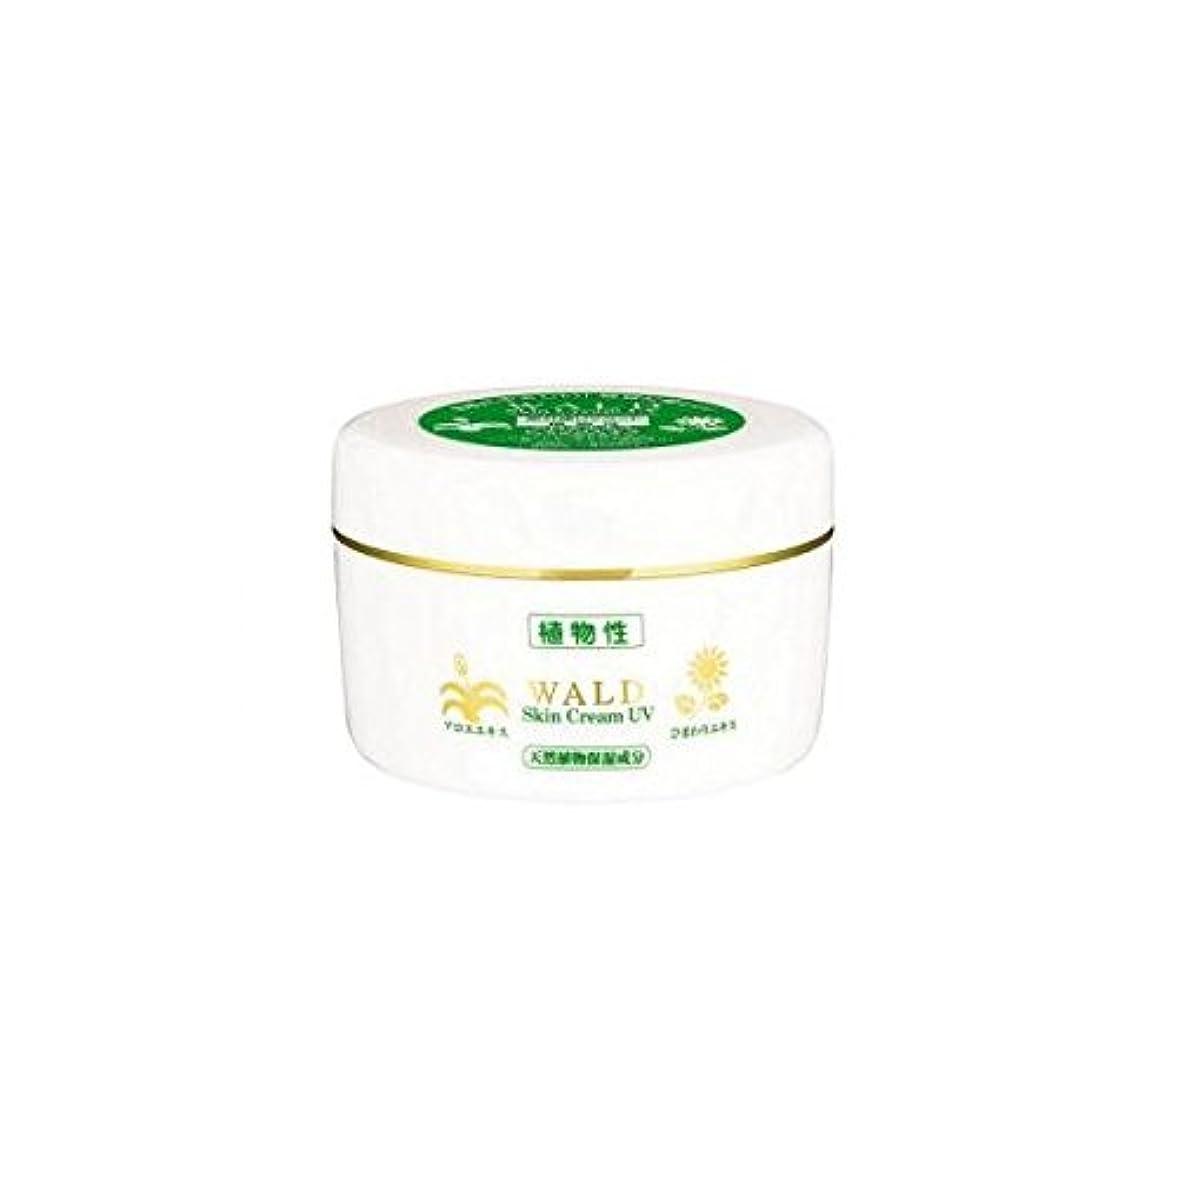 不健康とても講堂新 ヴァルトスキンクリーム UV (WALD Skin Cream UV) 220g (1)